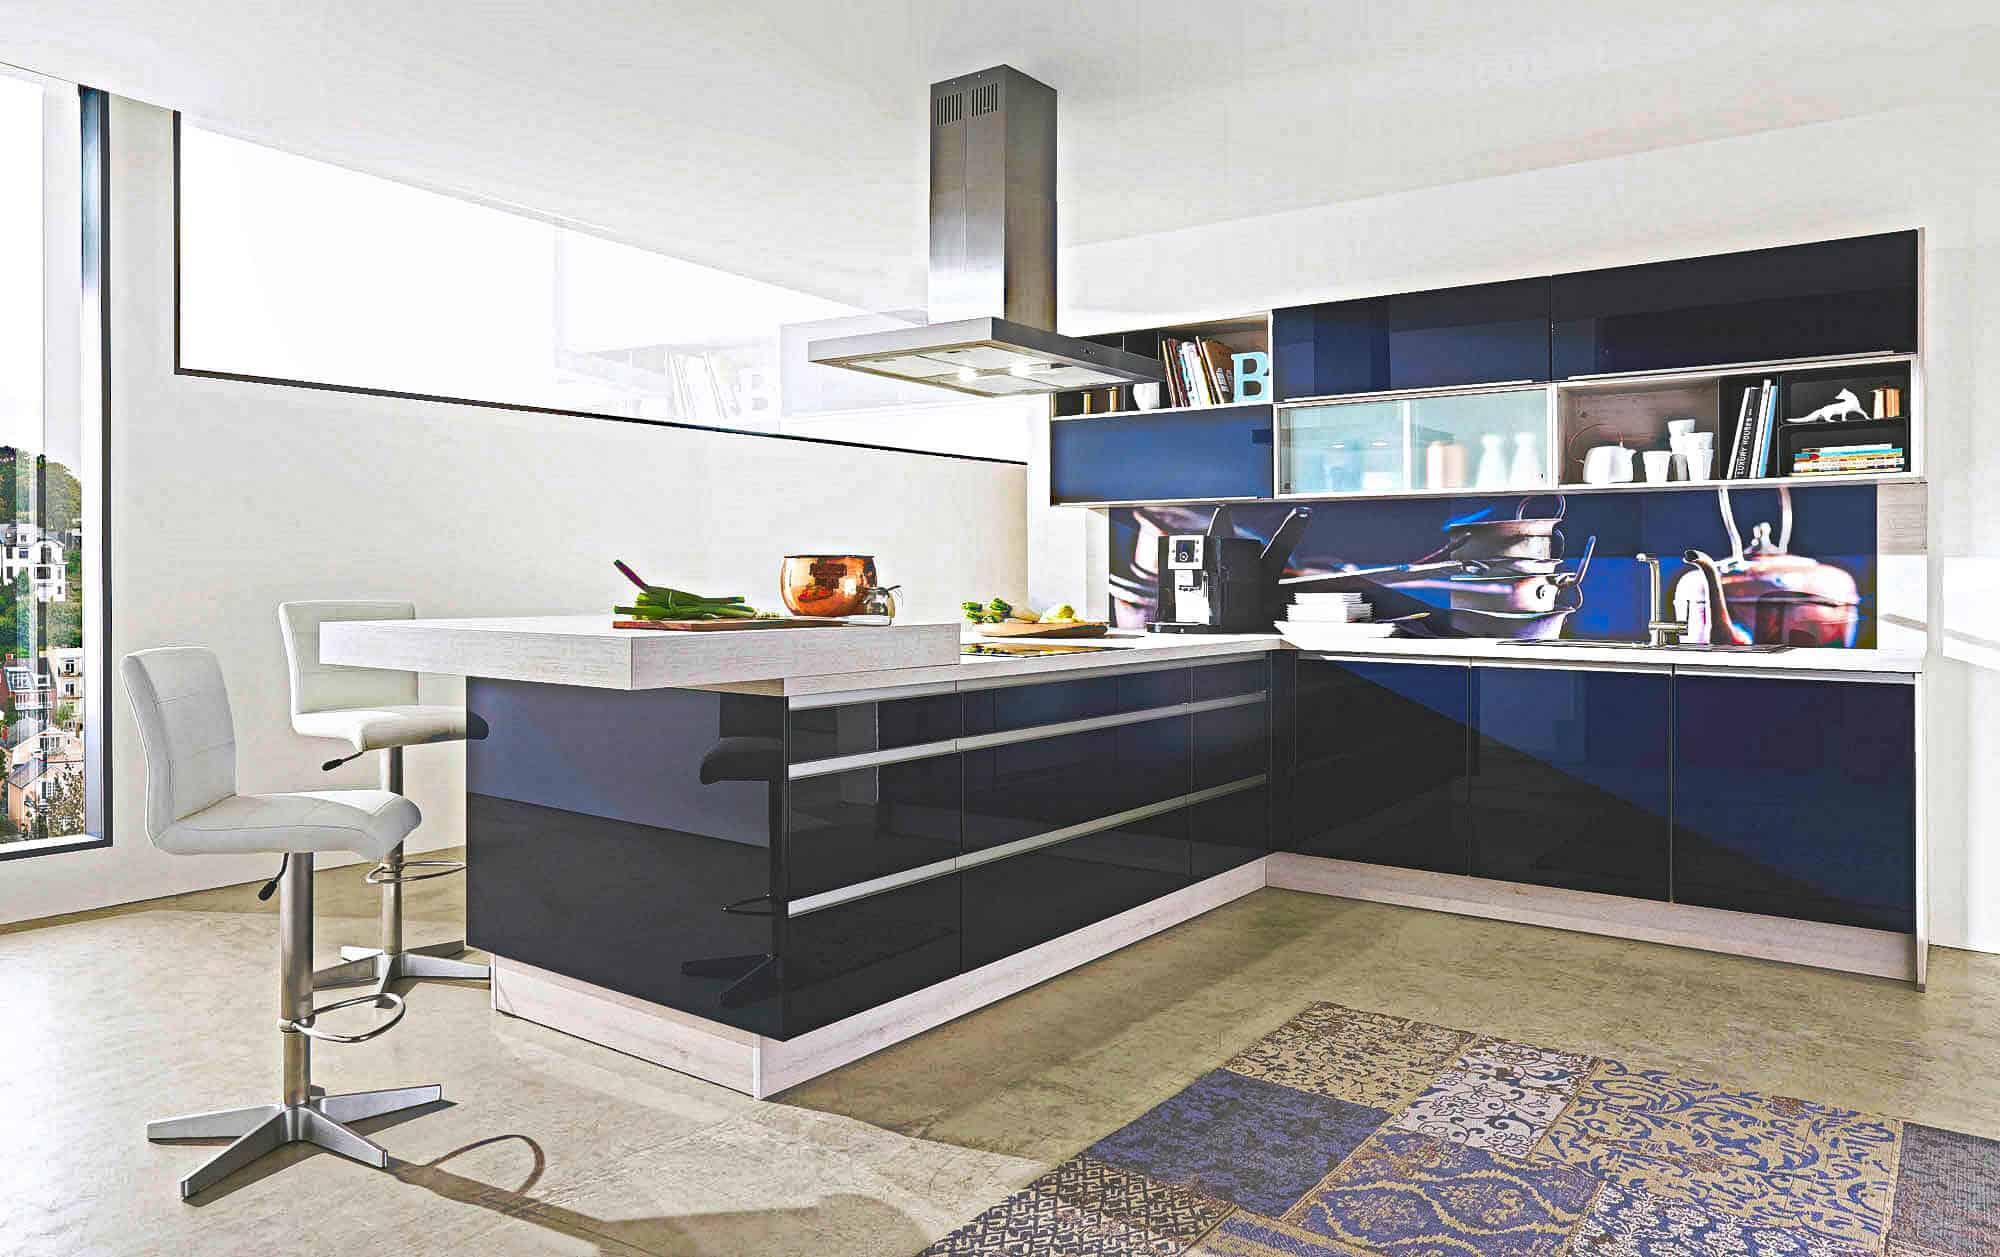 L Küchen preiswert kaufen - Küchenbörse - L Küche ab 10 Tagen lieferbar